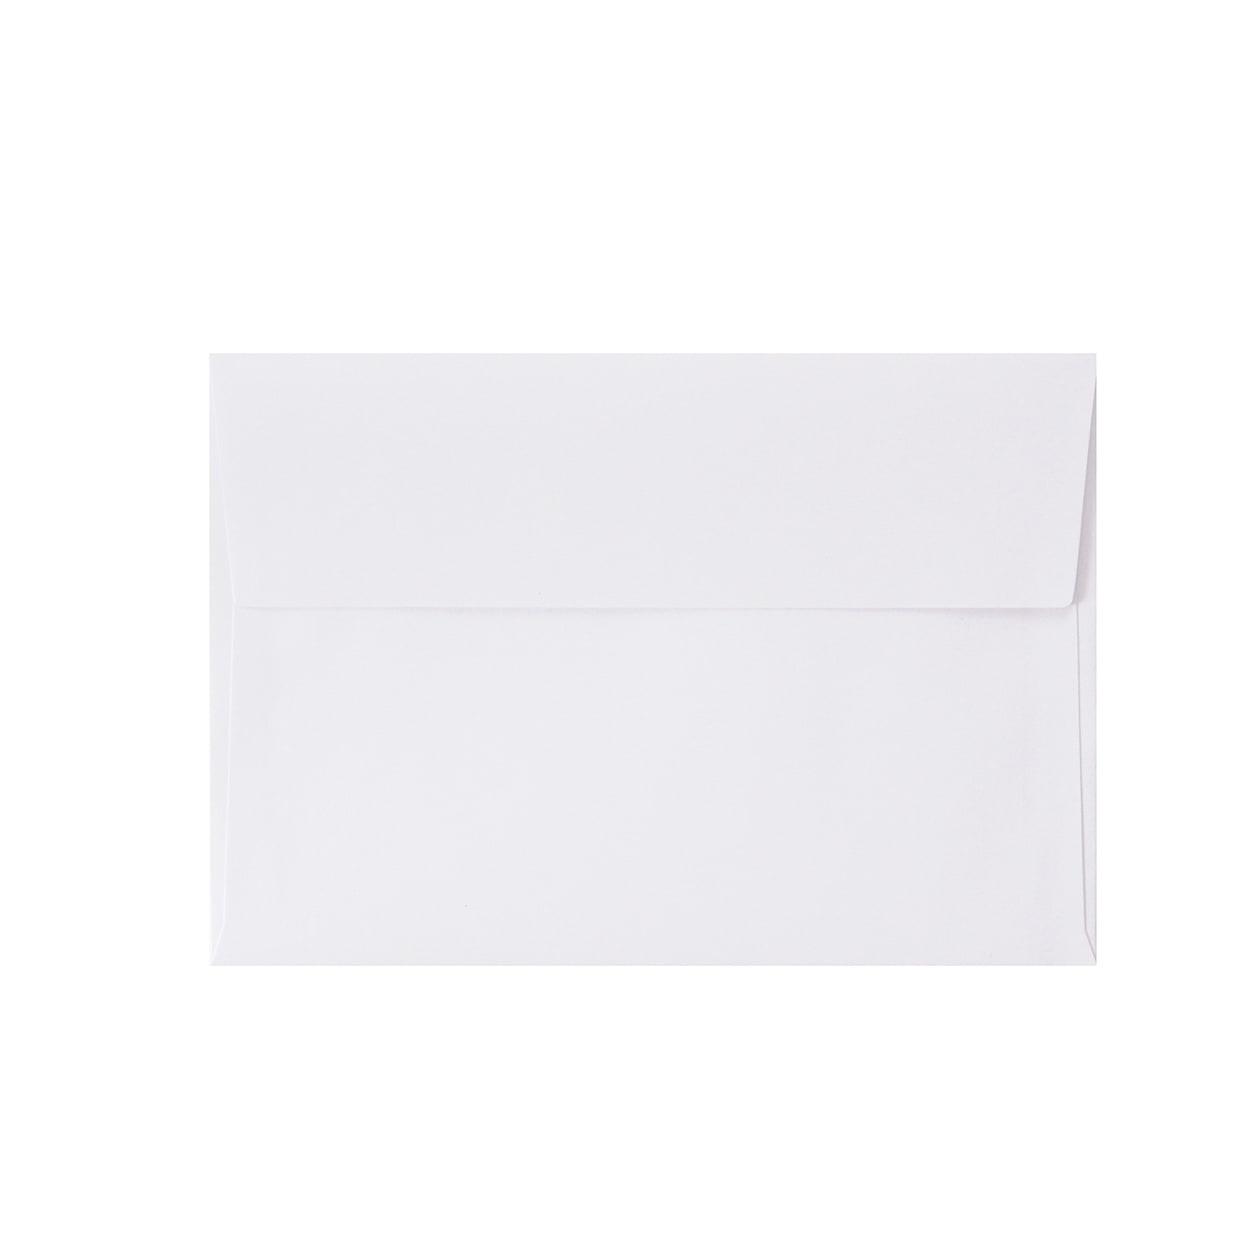 洋2カマス封筒 上質カラー ホワイト 90.7g